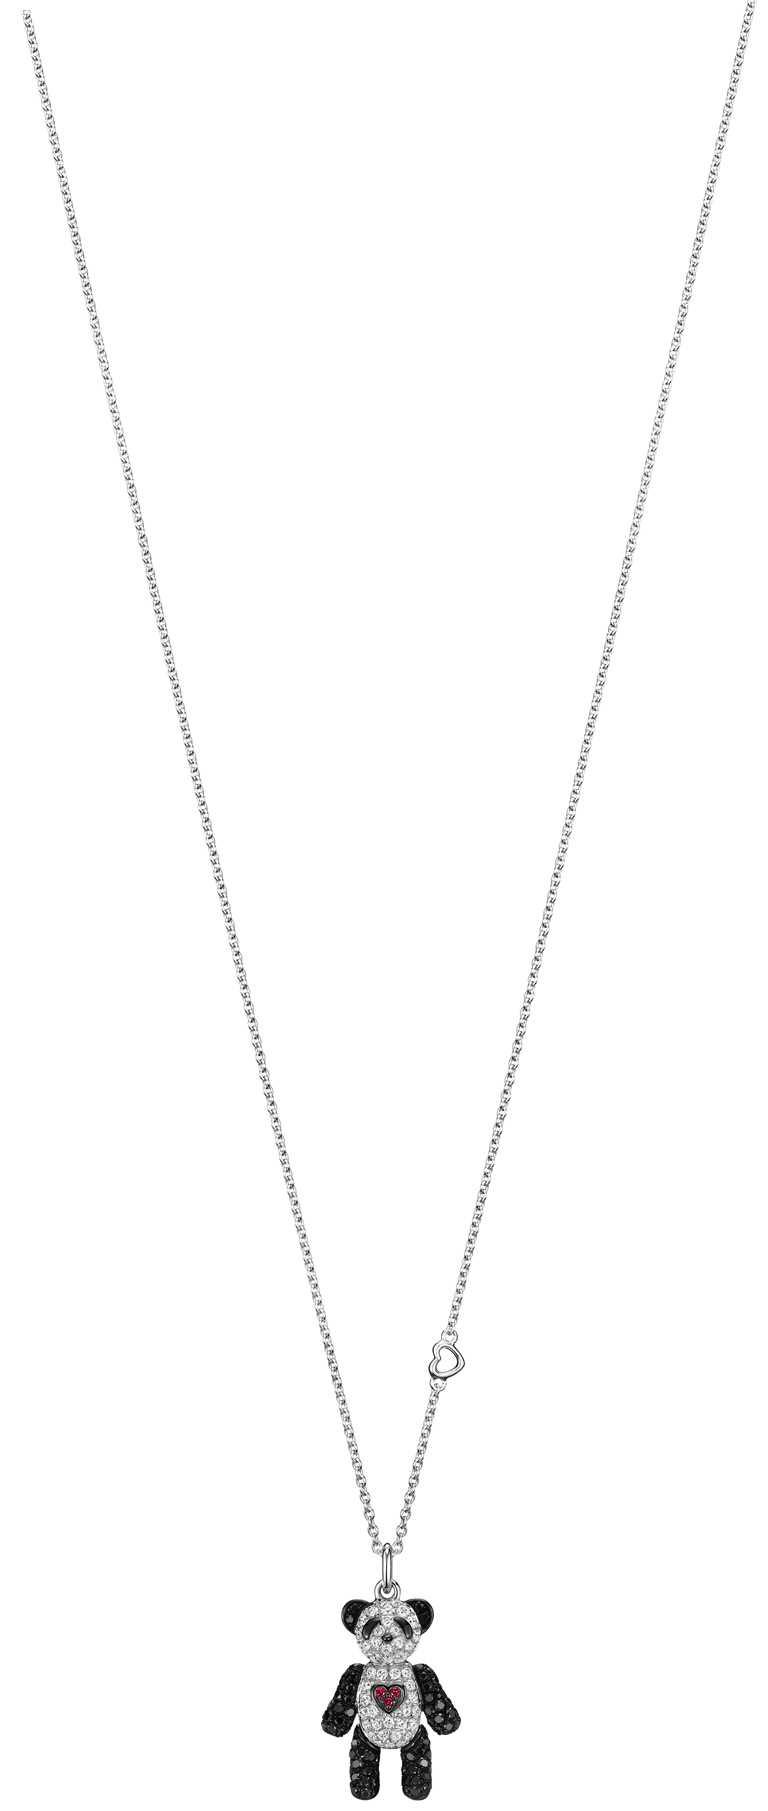 Qeelin「Petite Je T'aime Bo Bo」白金鑲鑽、黑鑽石及紅寶石墜鍊╱121,800元。(圖╱Qeelin提供)